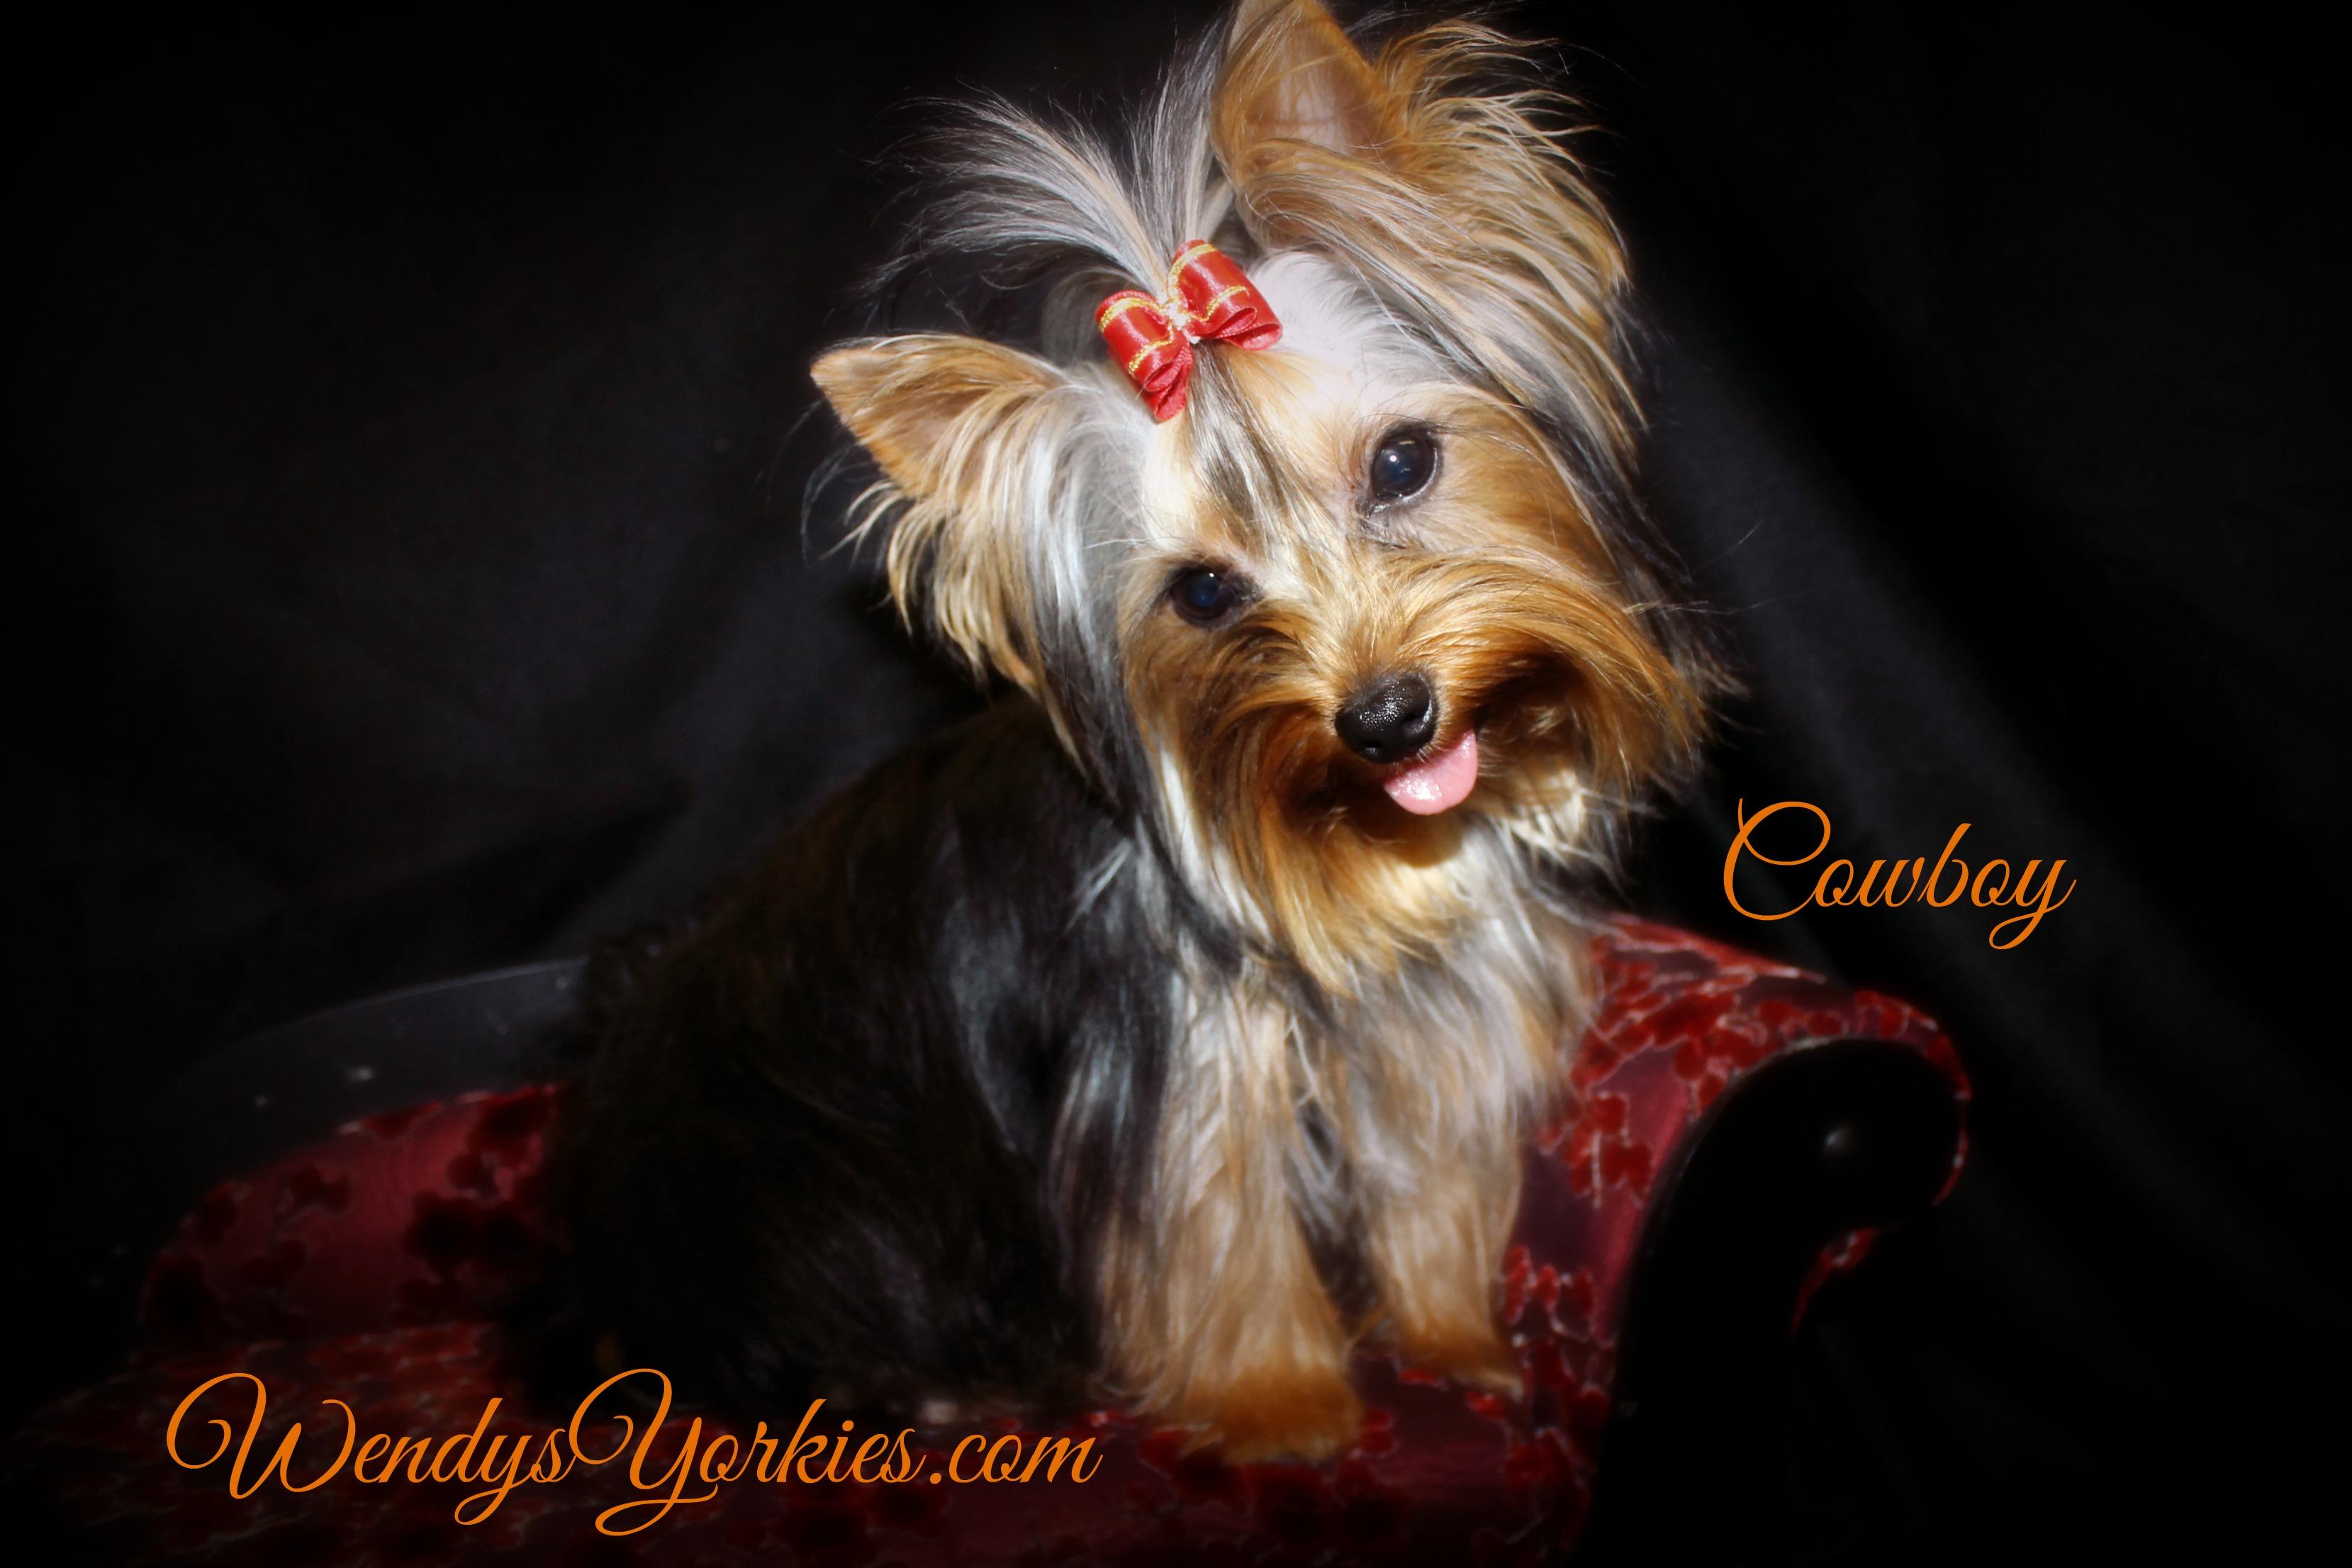 WendysYorkies, Yorkie breeder in Texas, Yorkie puppy breeder, Cowboy Yorkie Stud